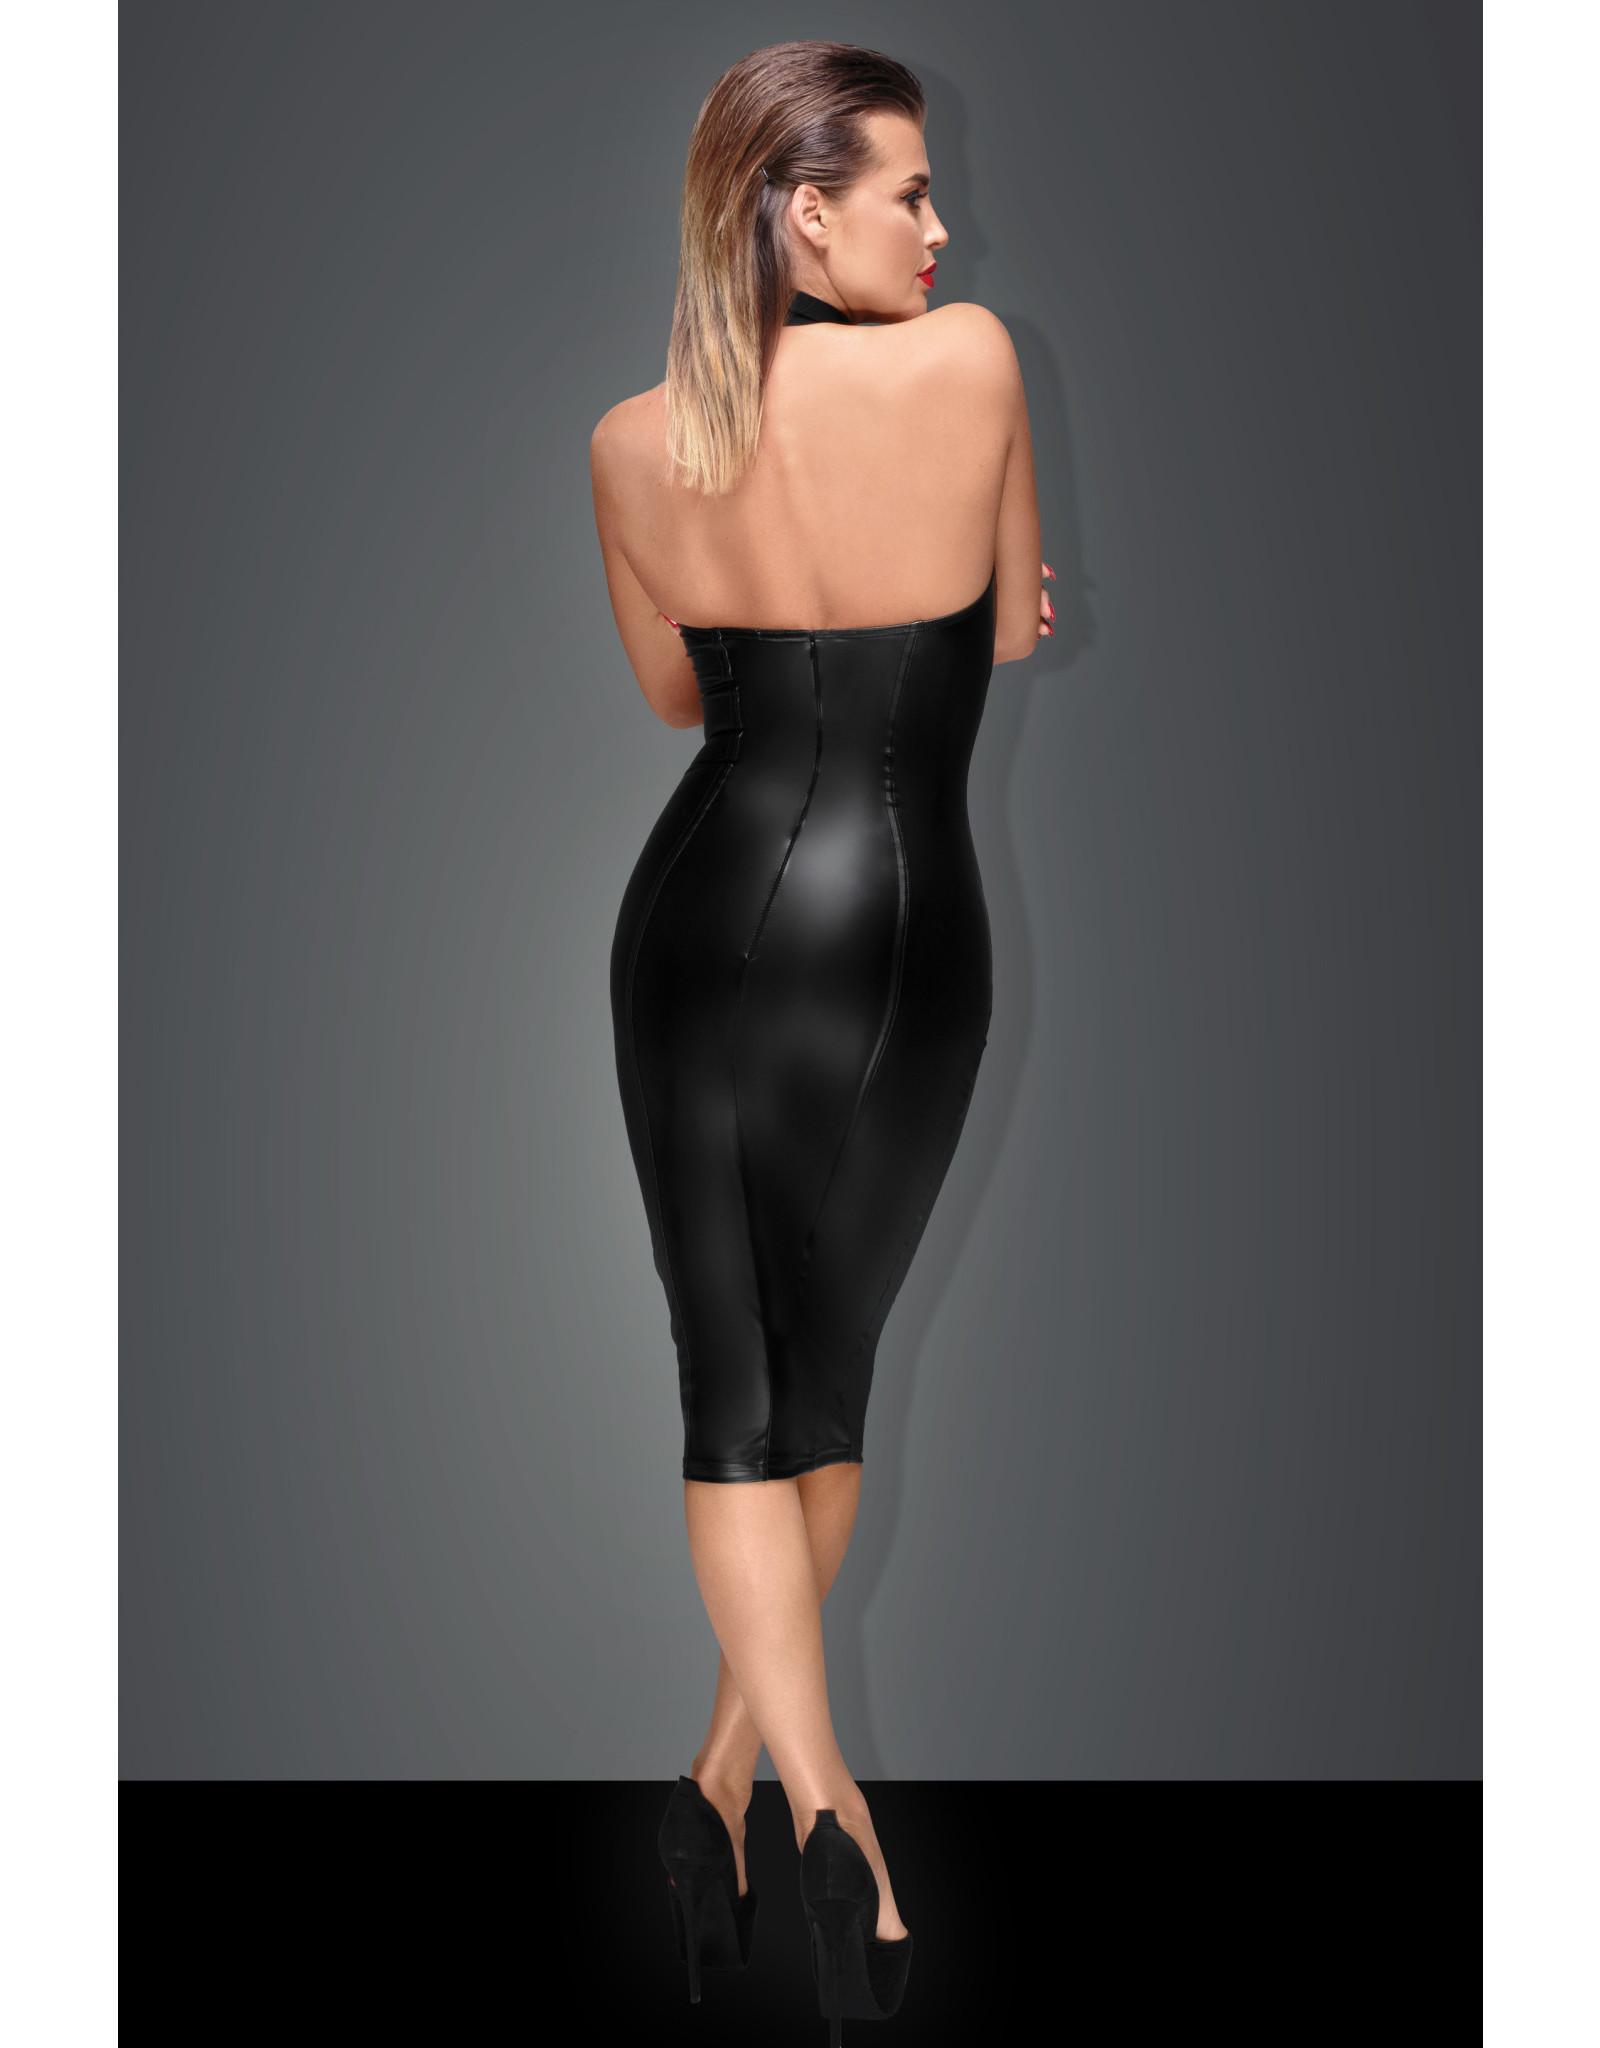 NOIR HANDMADE - POWER WET LOOK PENCIL DRESS - XL